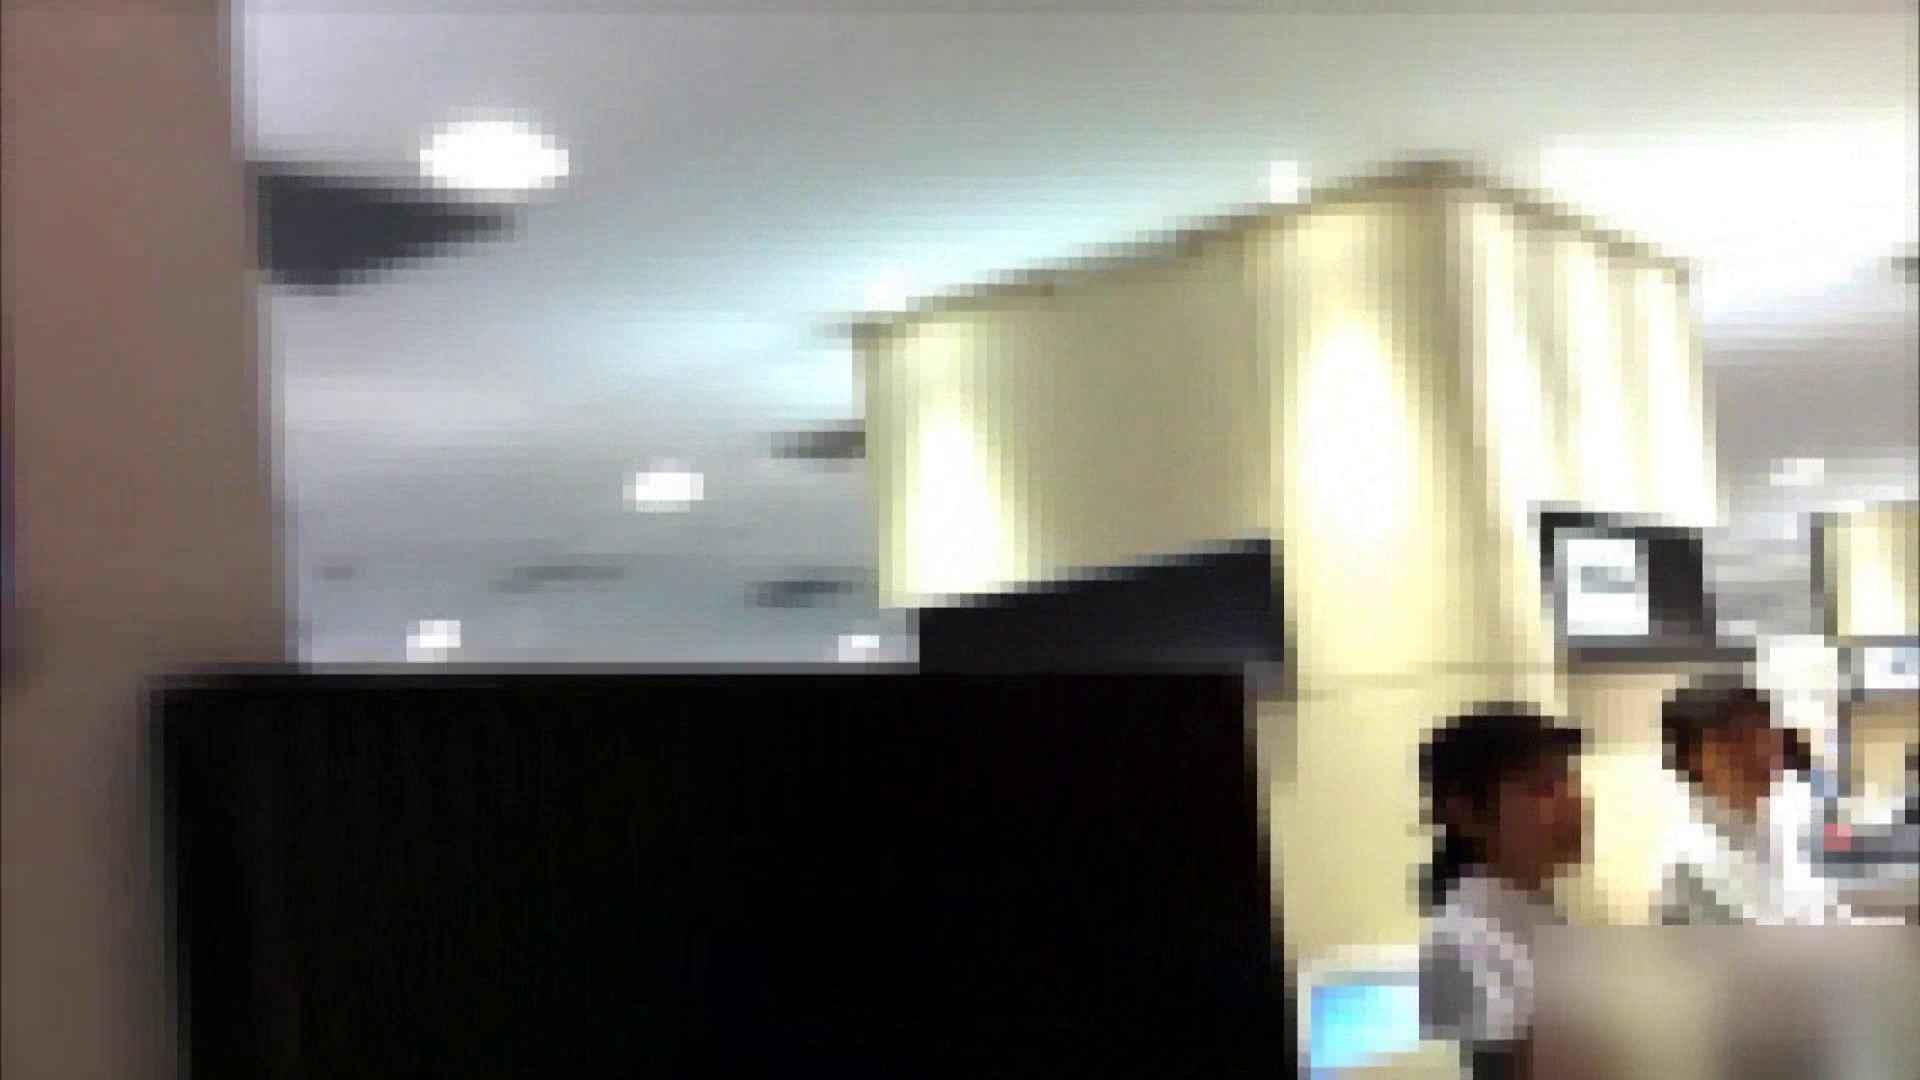 ガールズパンチラストリートビューVol.013 新入生パンチラ すけべAV動画紹介 93pic 15